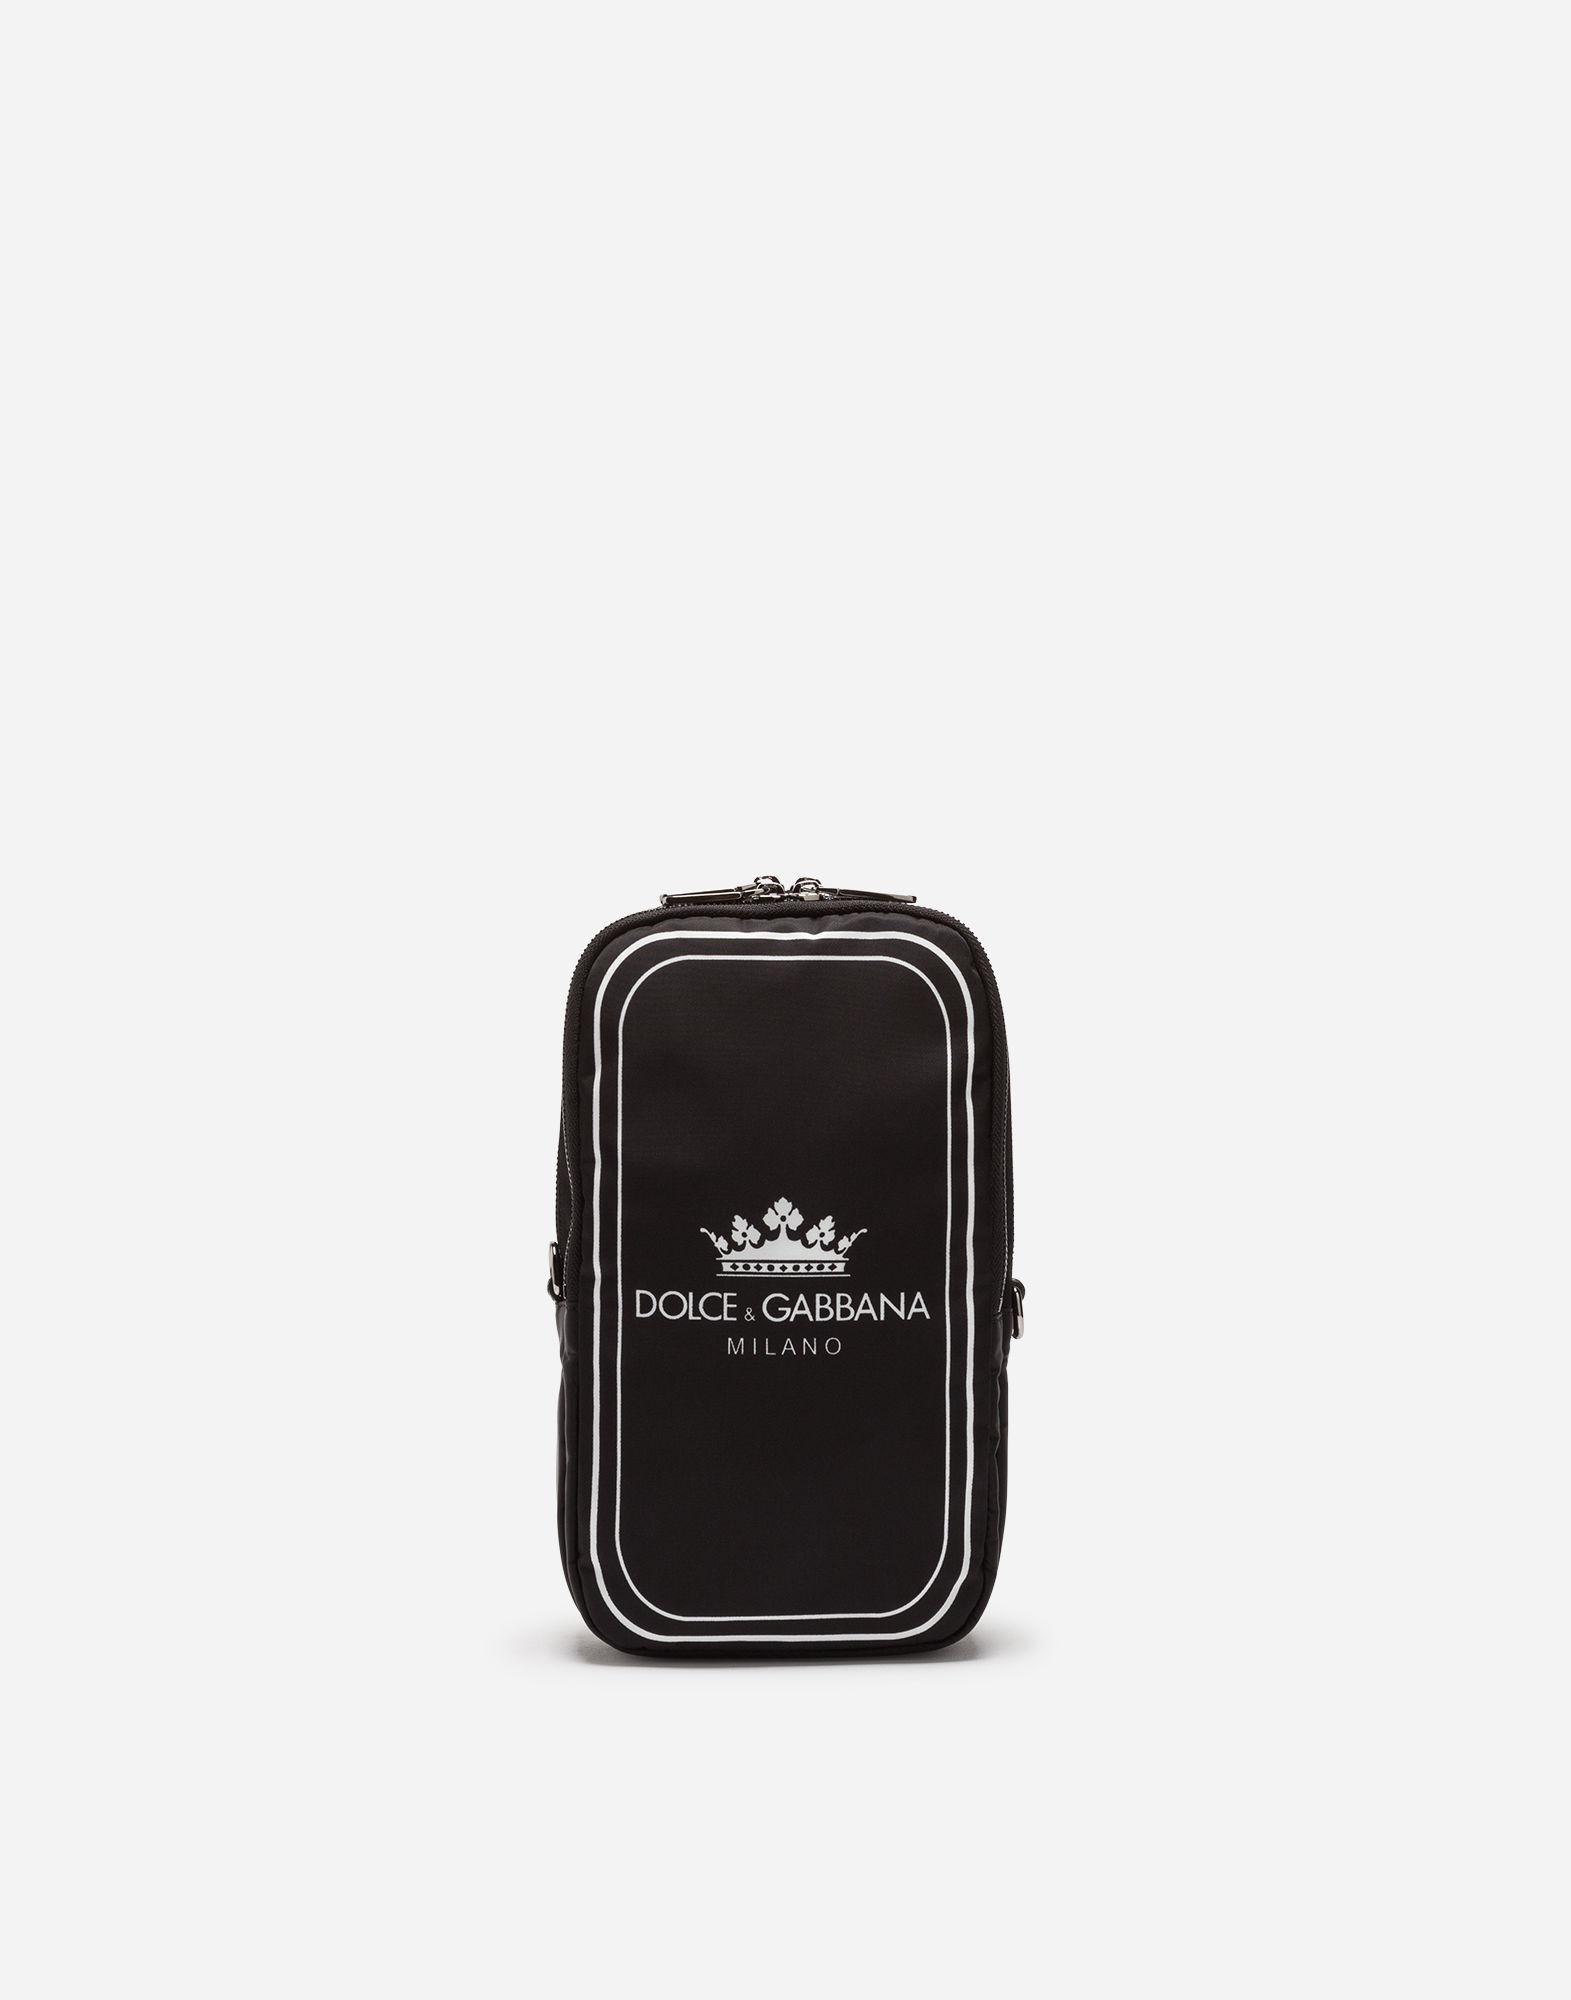 Dolce   Gabbana - Black Backpack For Men On Sale for Men - Lyst. View  fullscreen 74accb764d